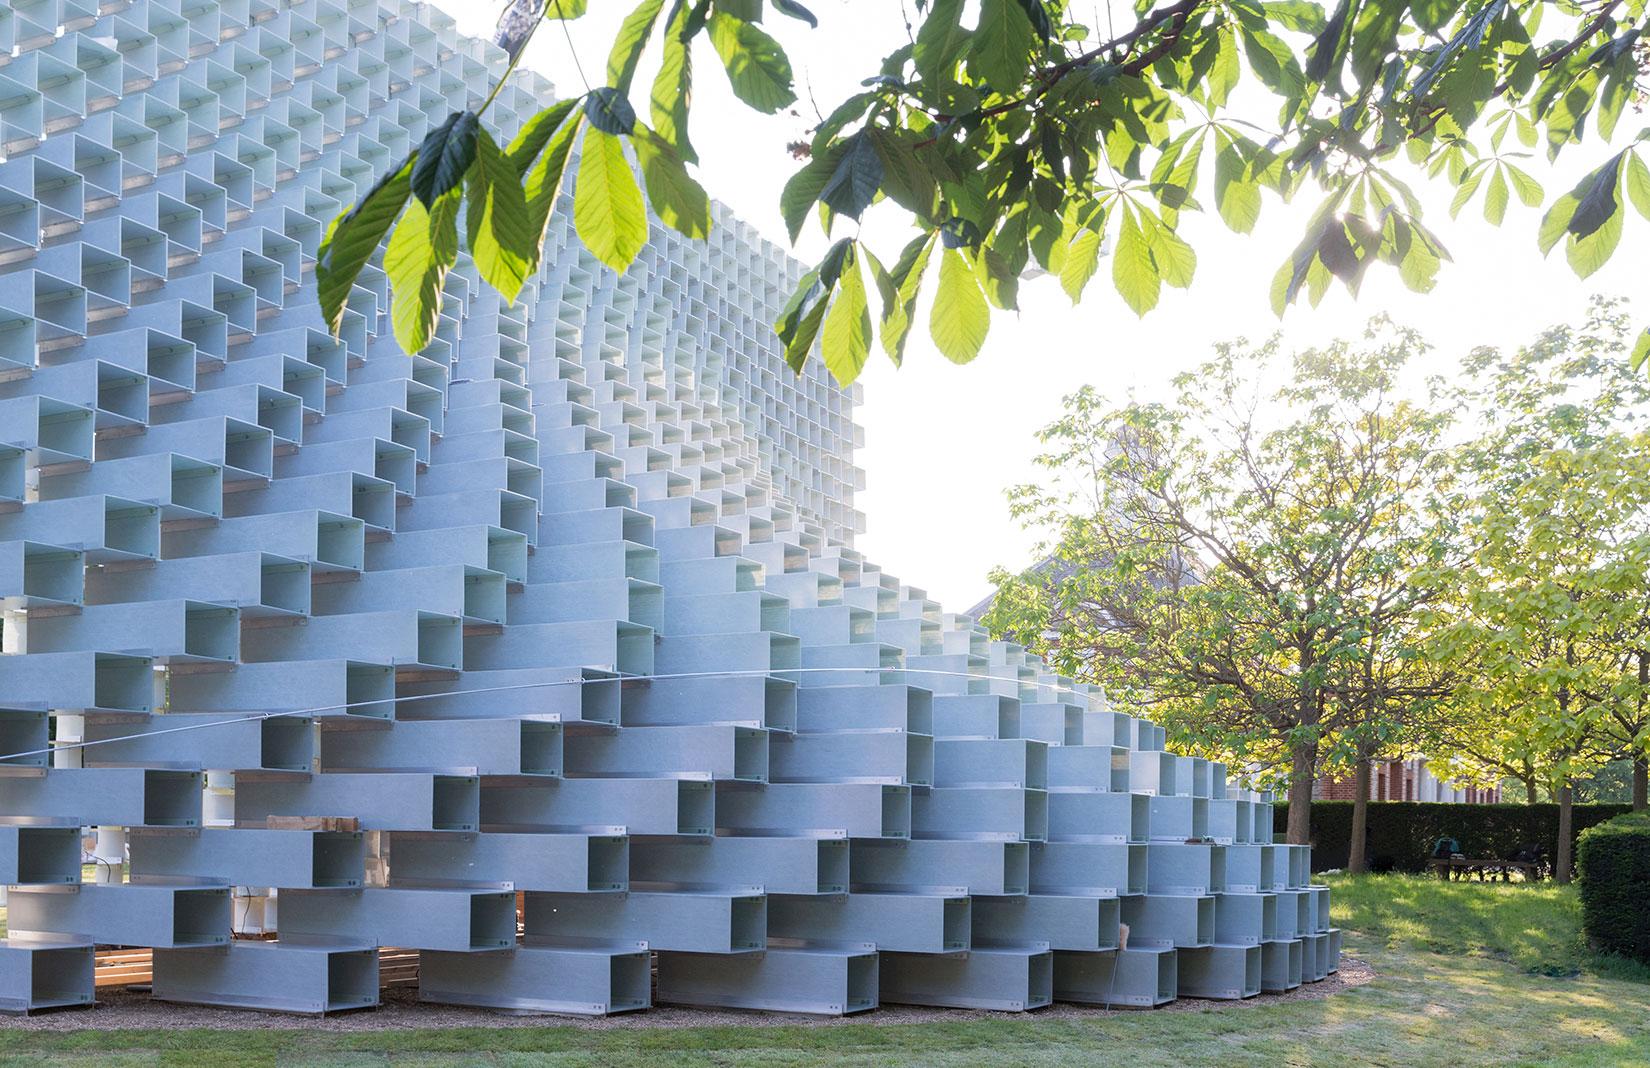 Serpentine Pavilion by BIG